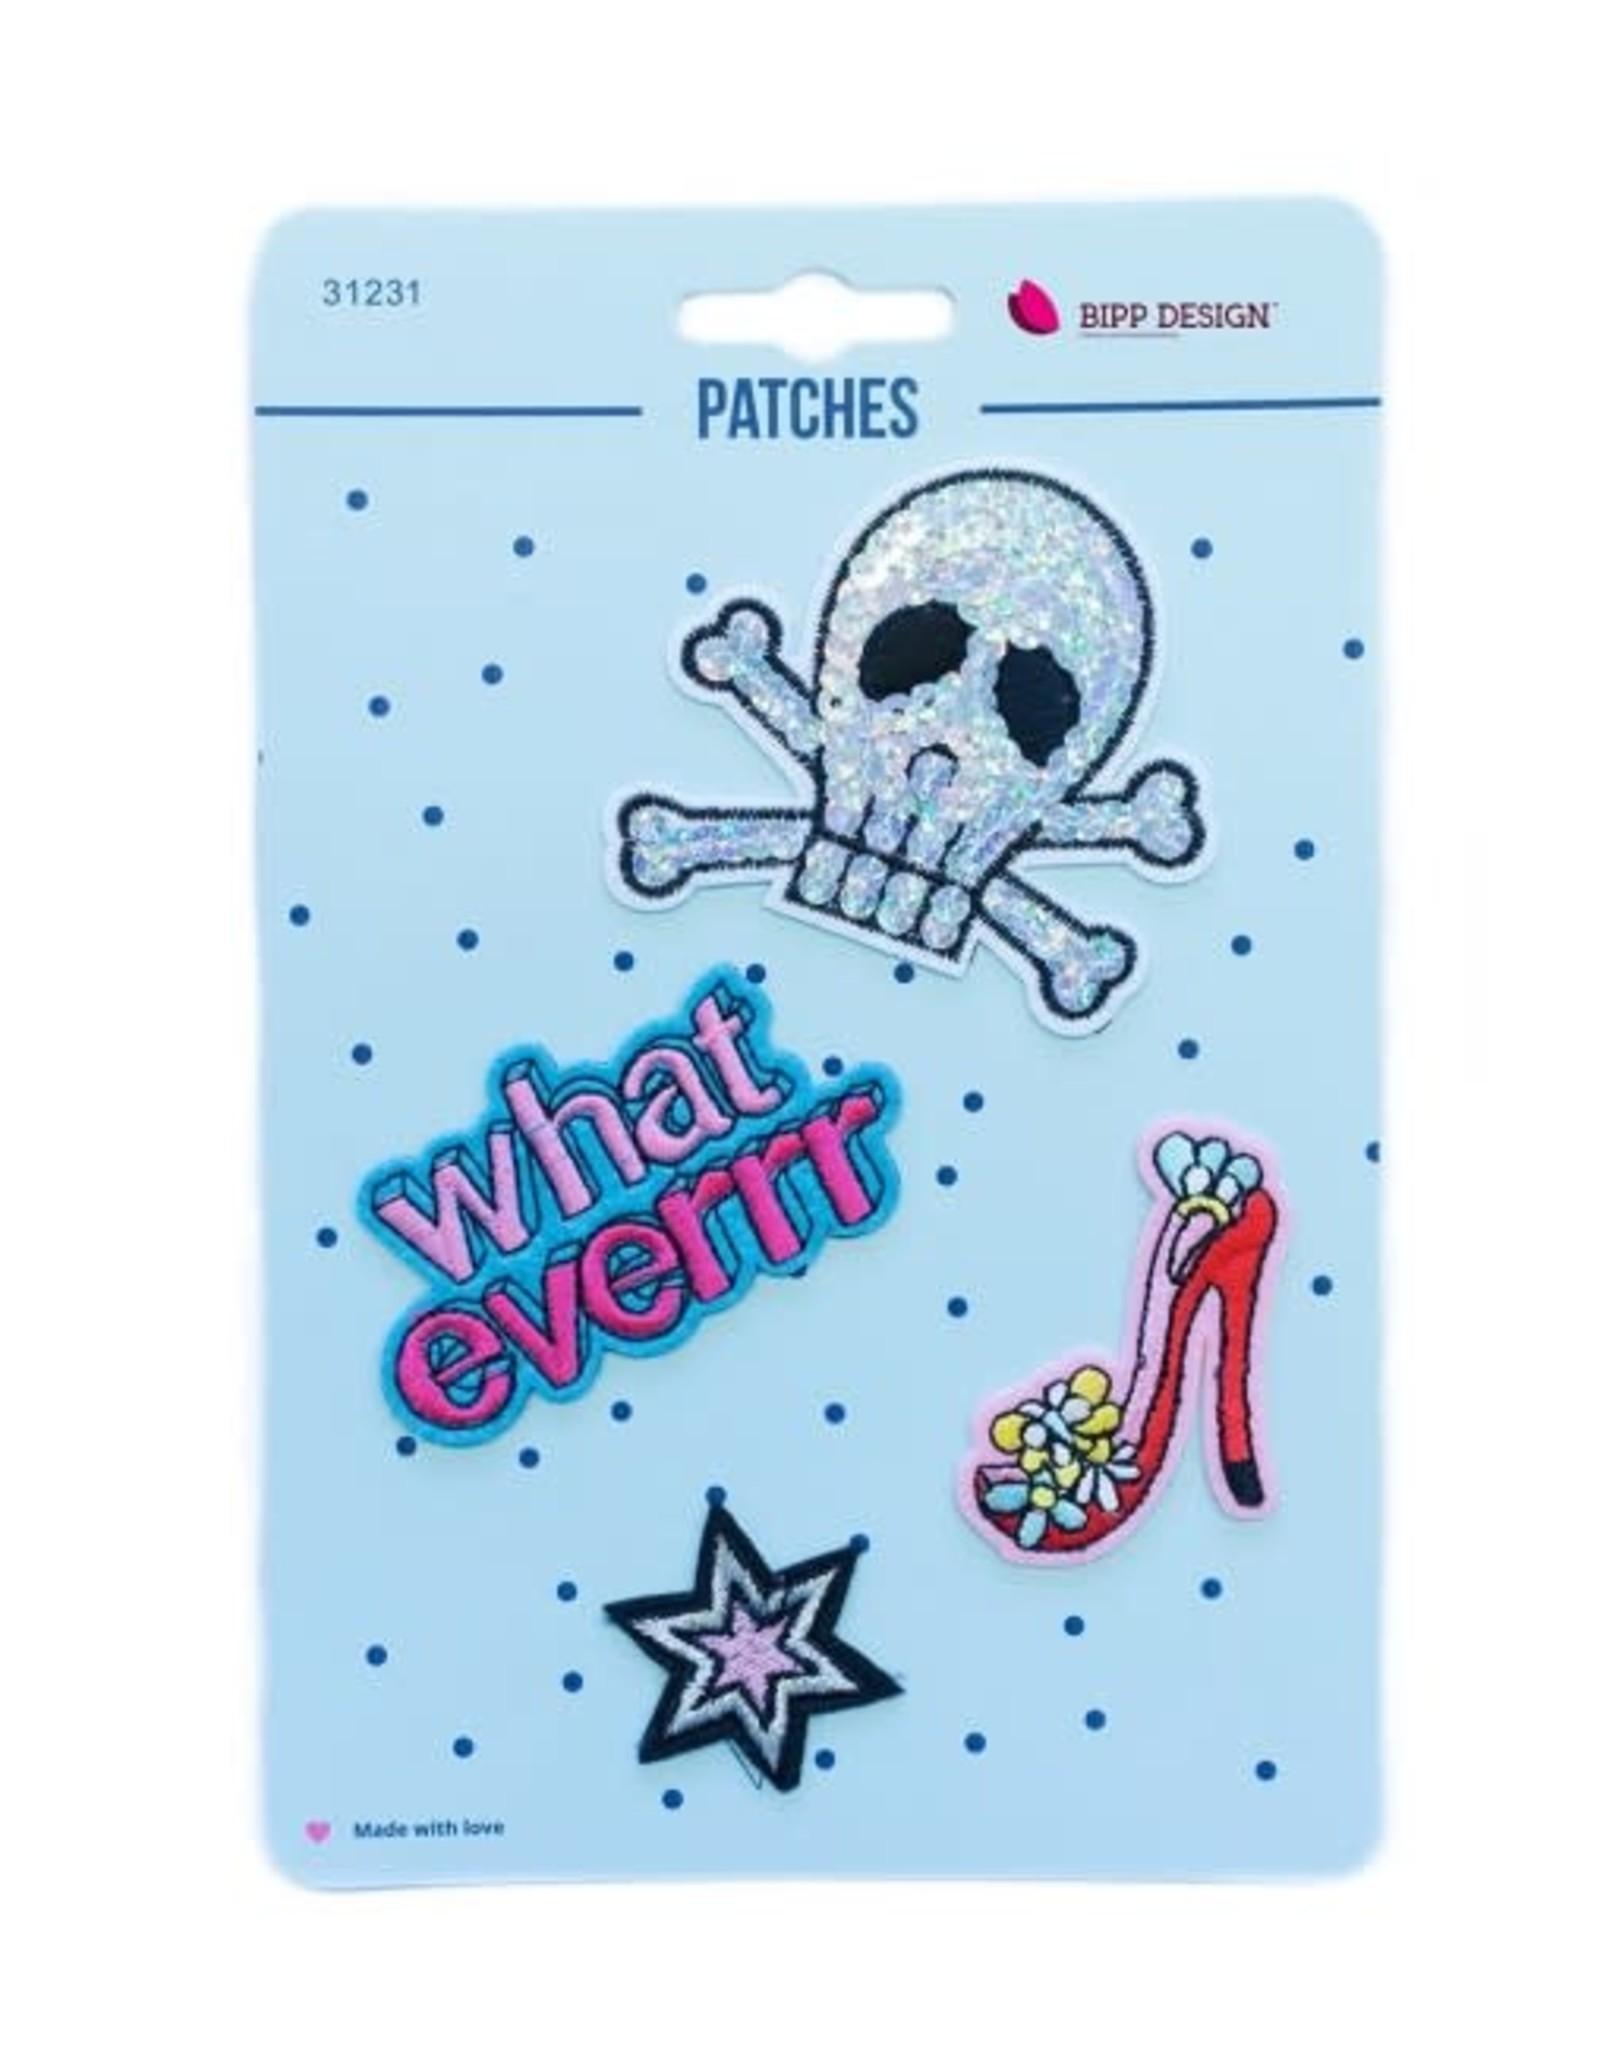 Bipp Design Patches - Whateverrr Skull